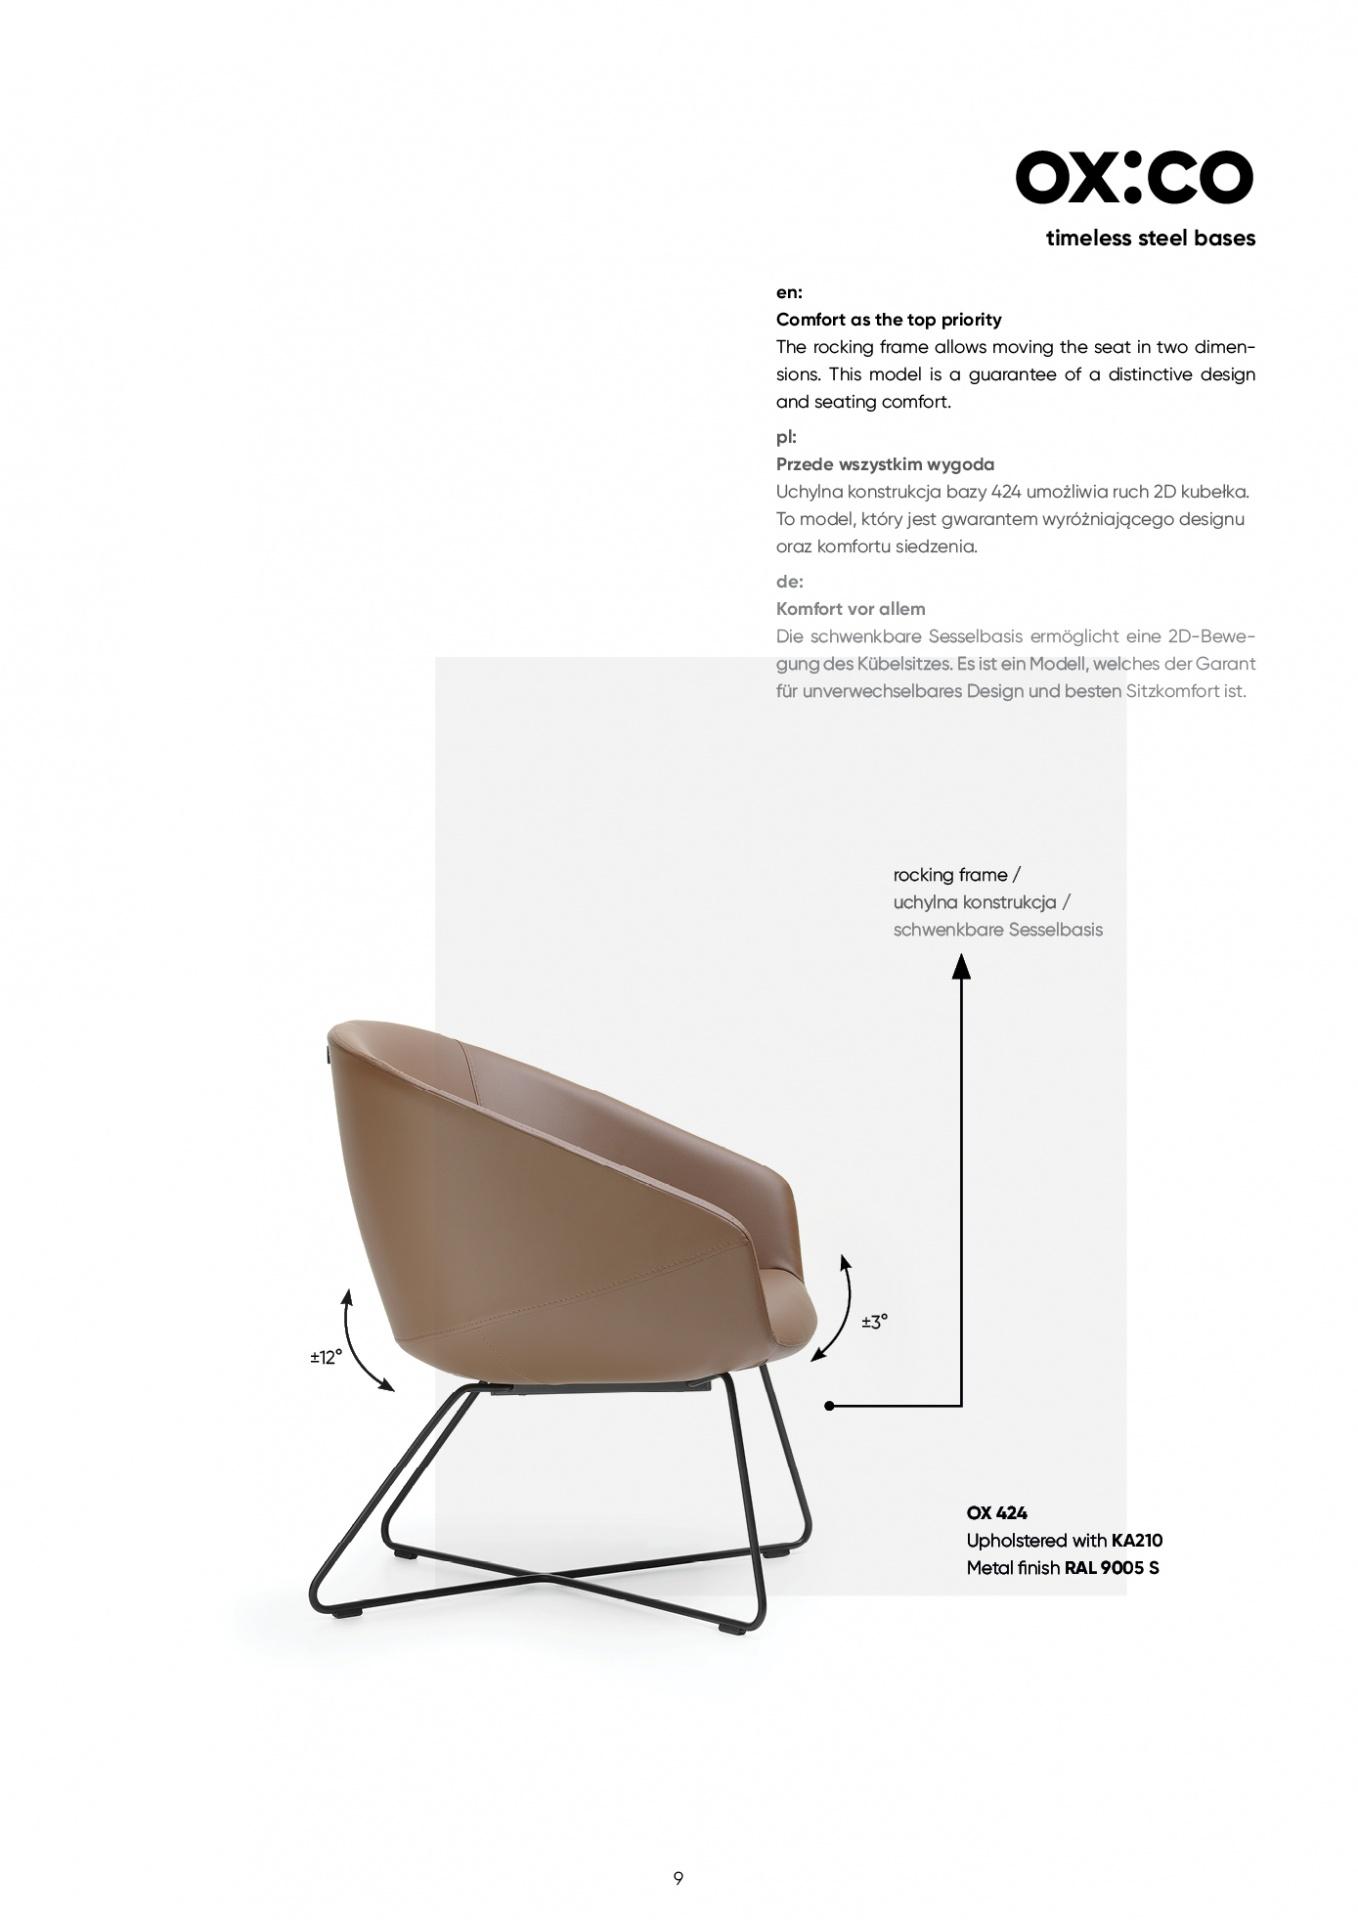 oxco-catalogue-9.jpg